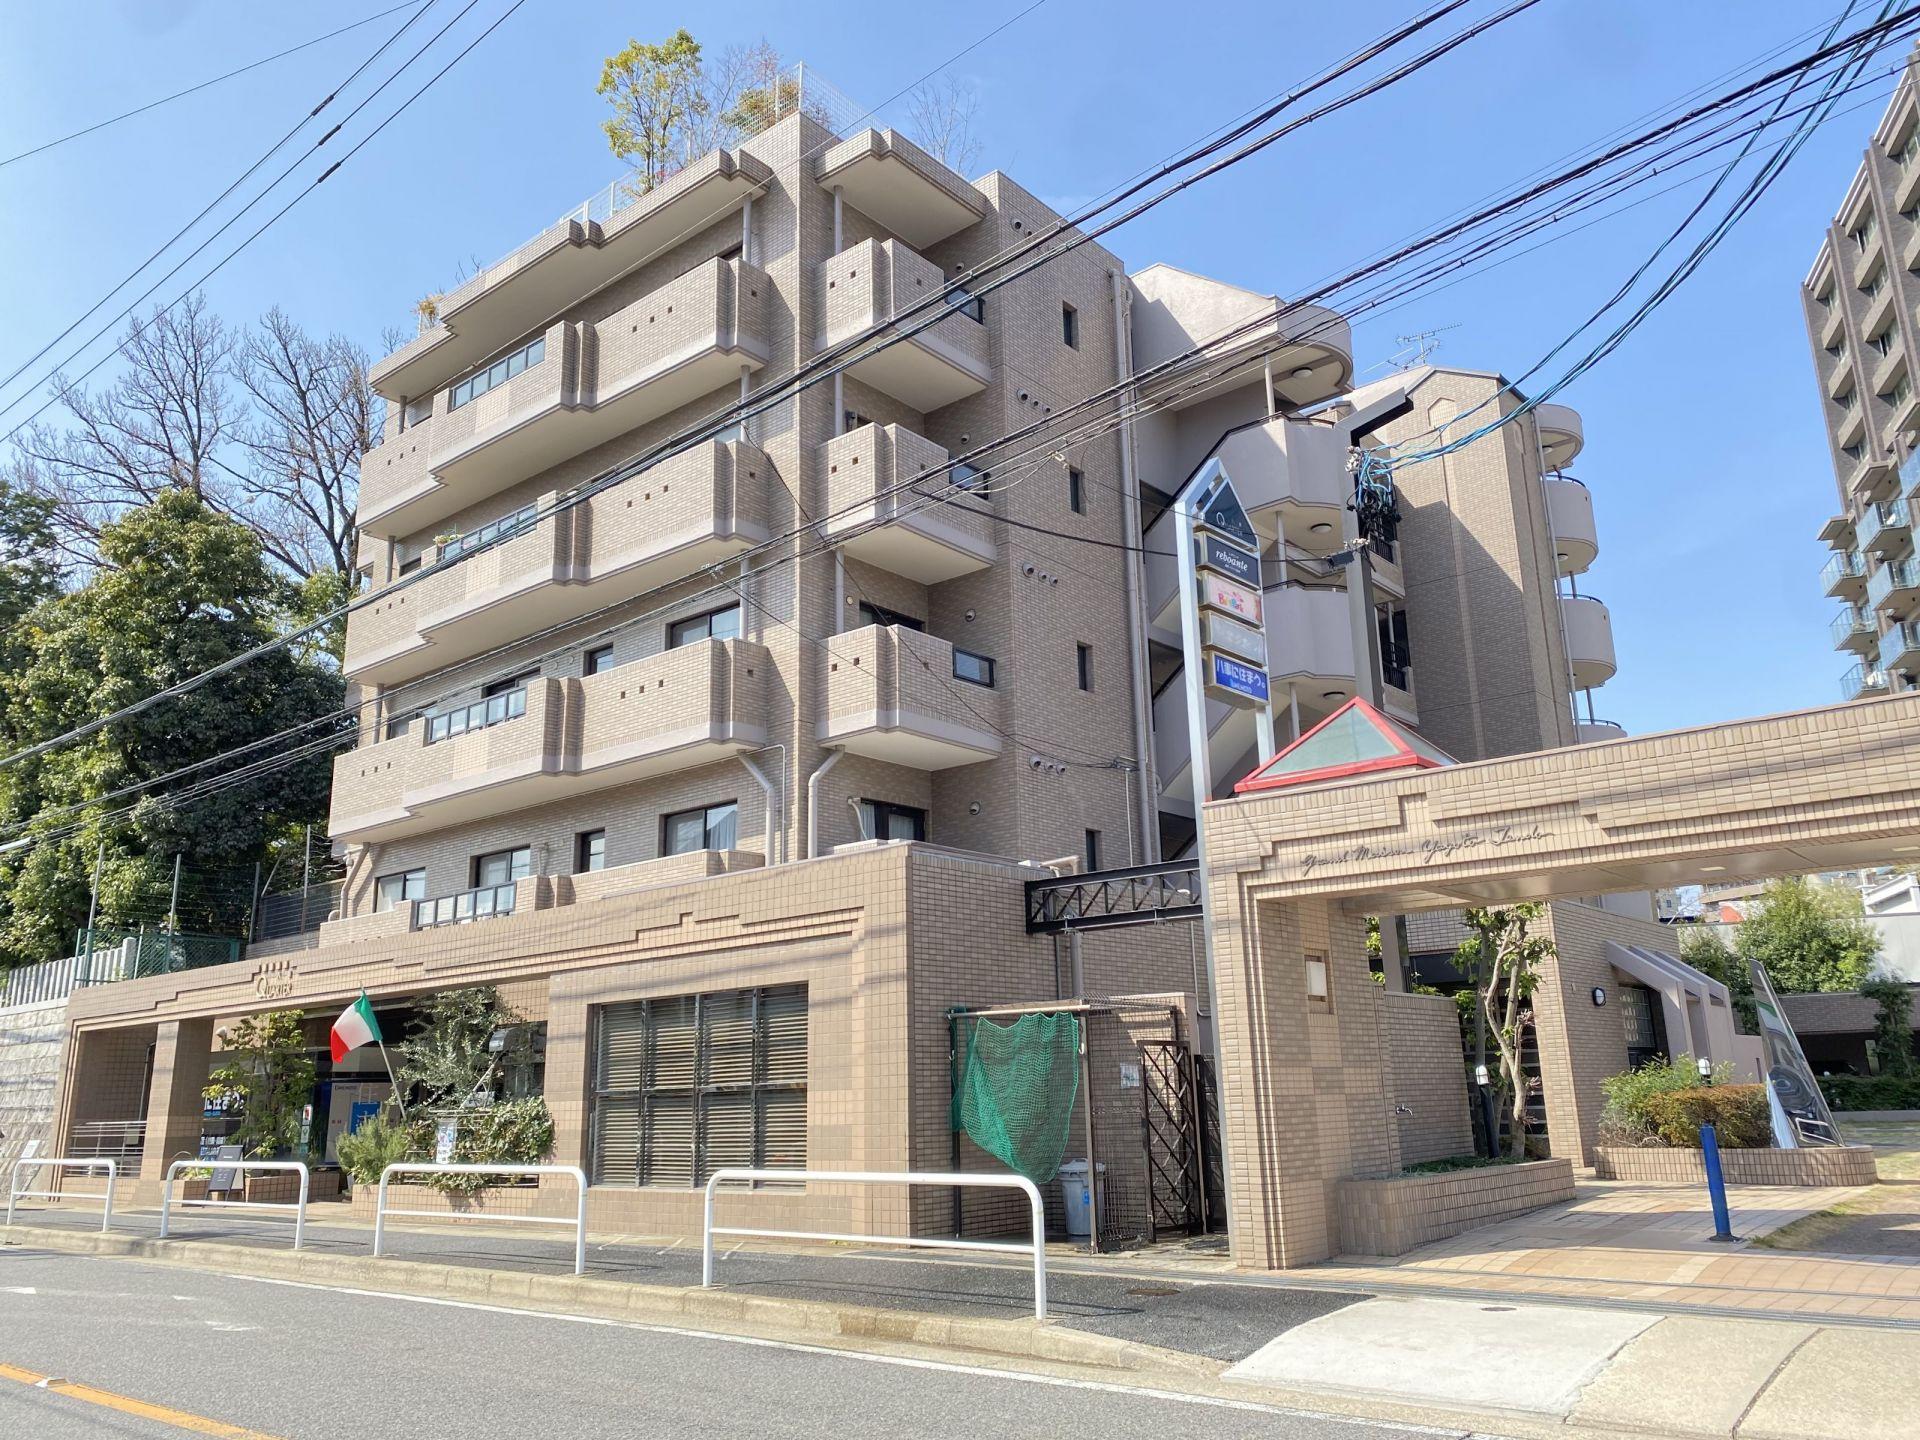 『八事』駅まで2分!!リノベ済み中古マンション近日販売開始予定です。